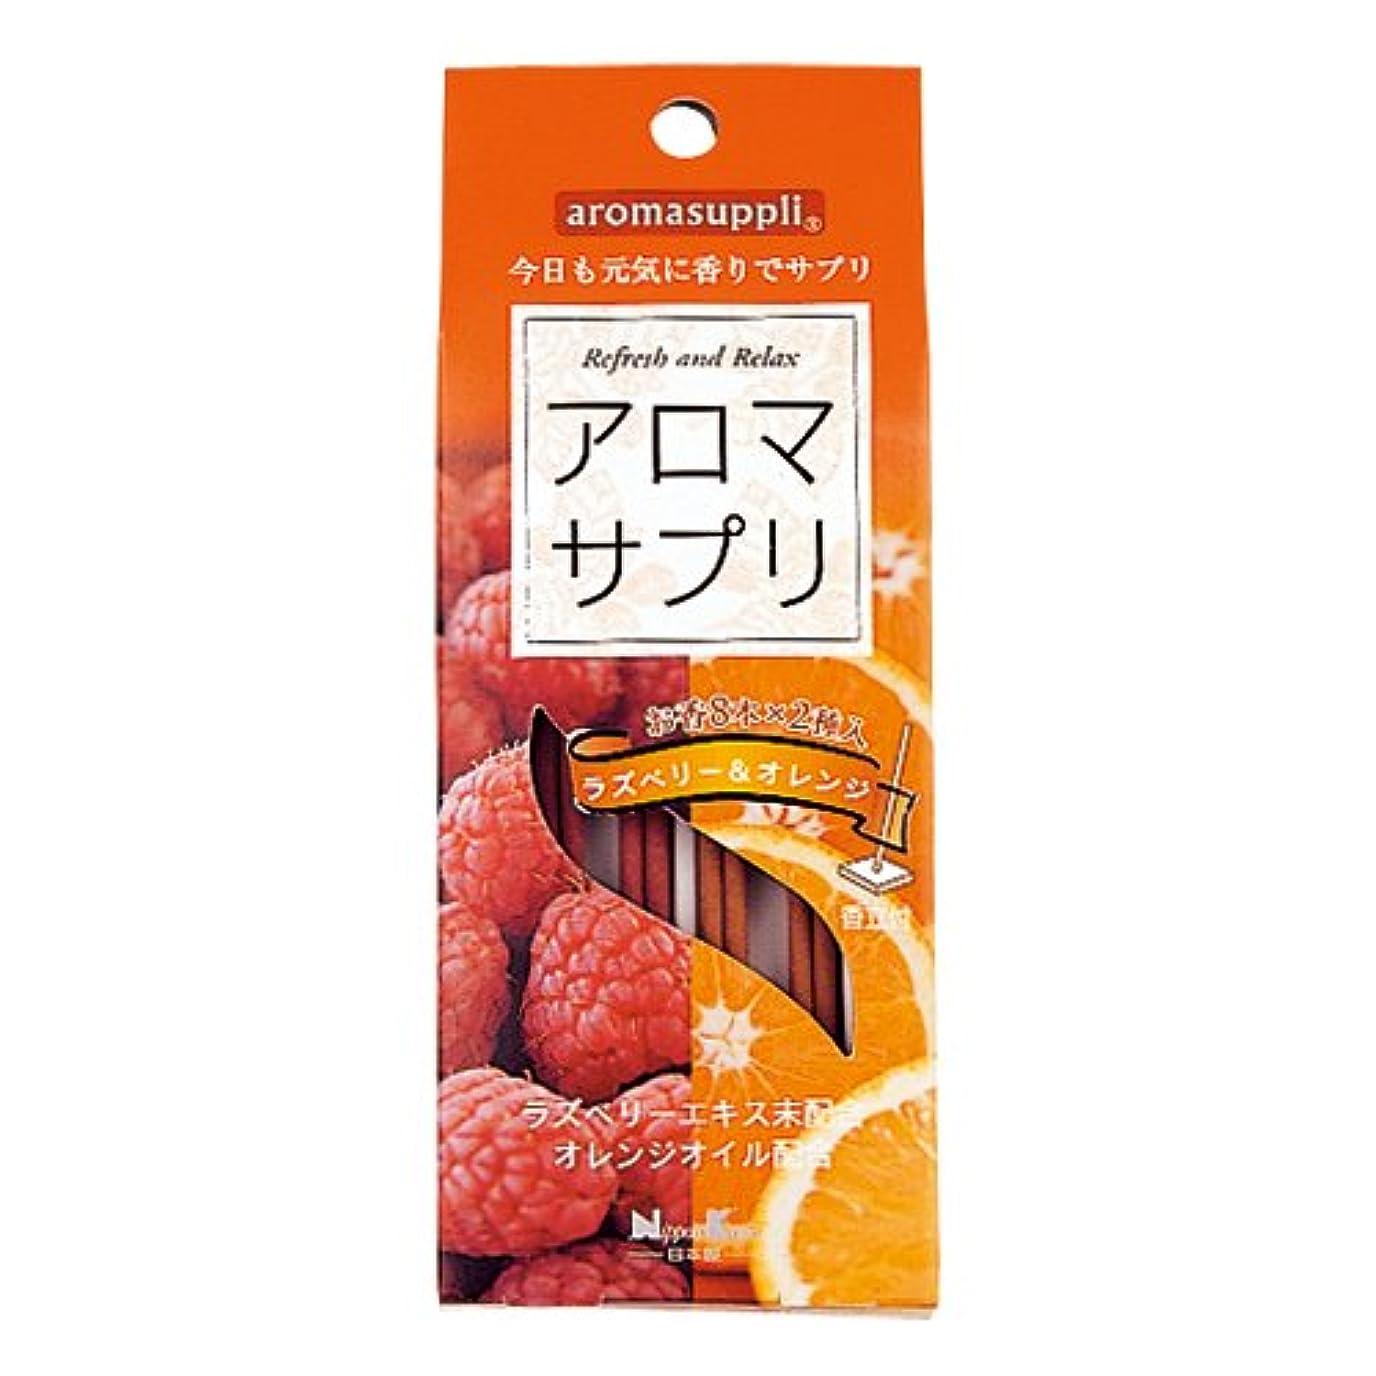 ポークエキス器用【X5個セット】 アロマサプリ ラズベリー&オレンジ 8本入×2種